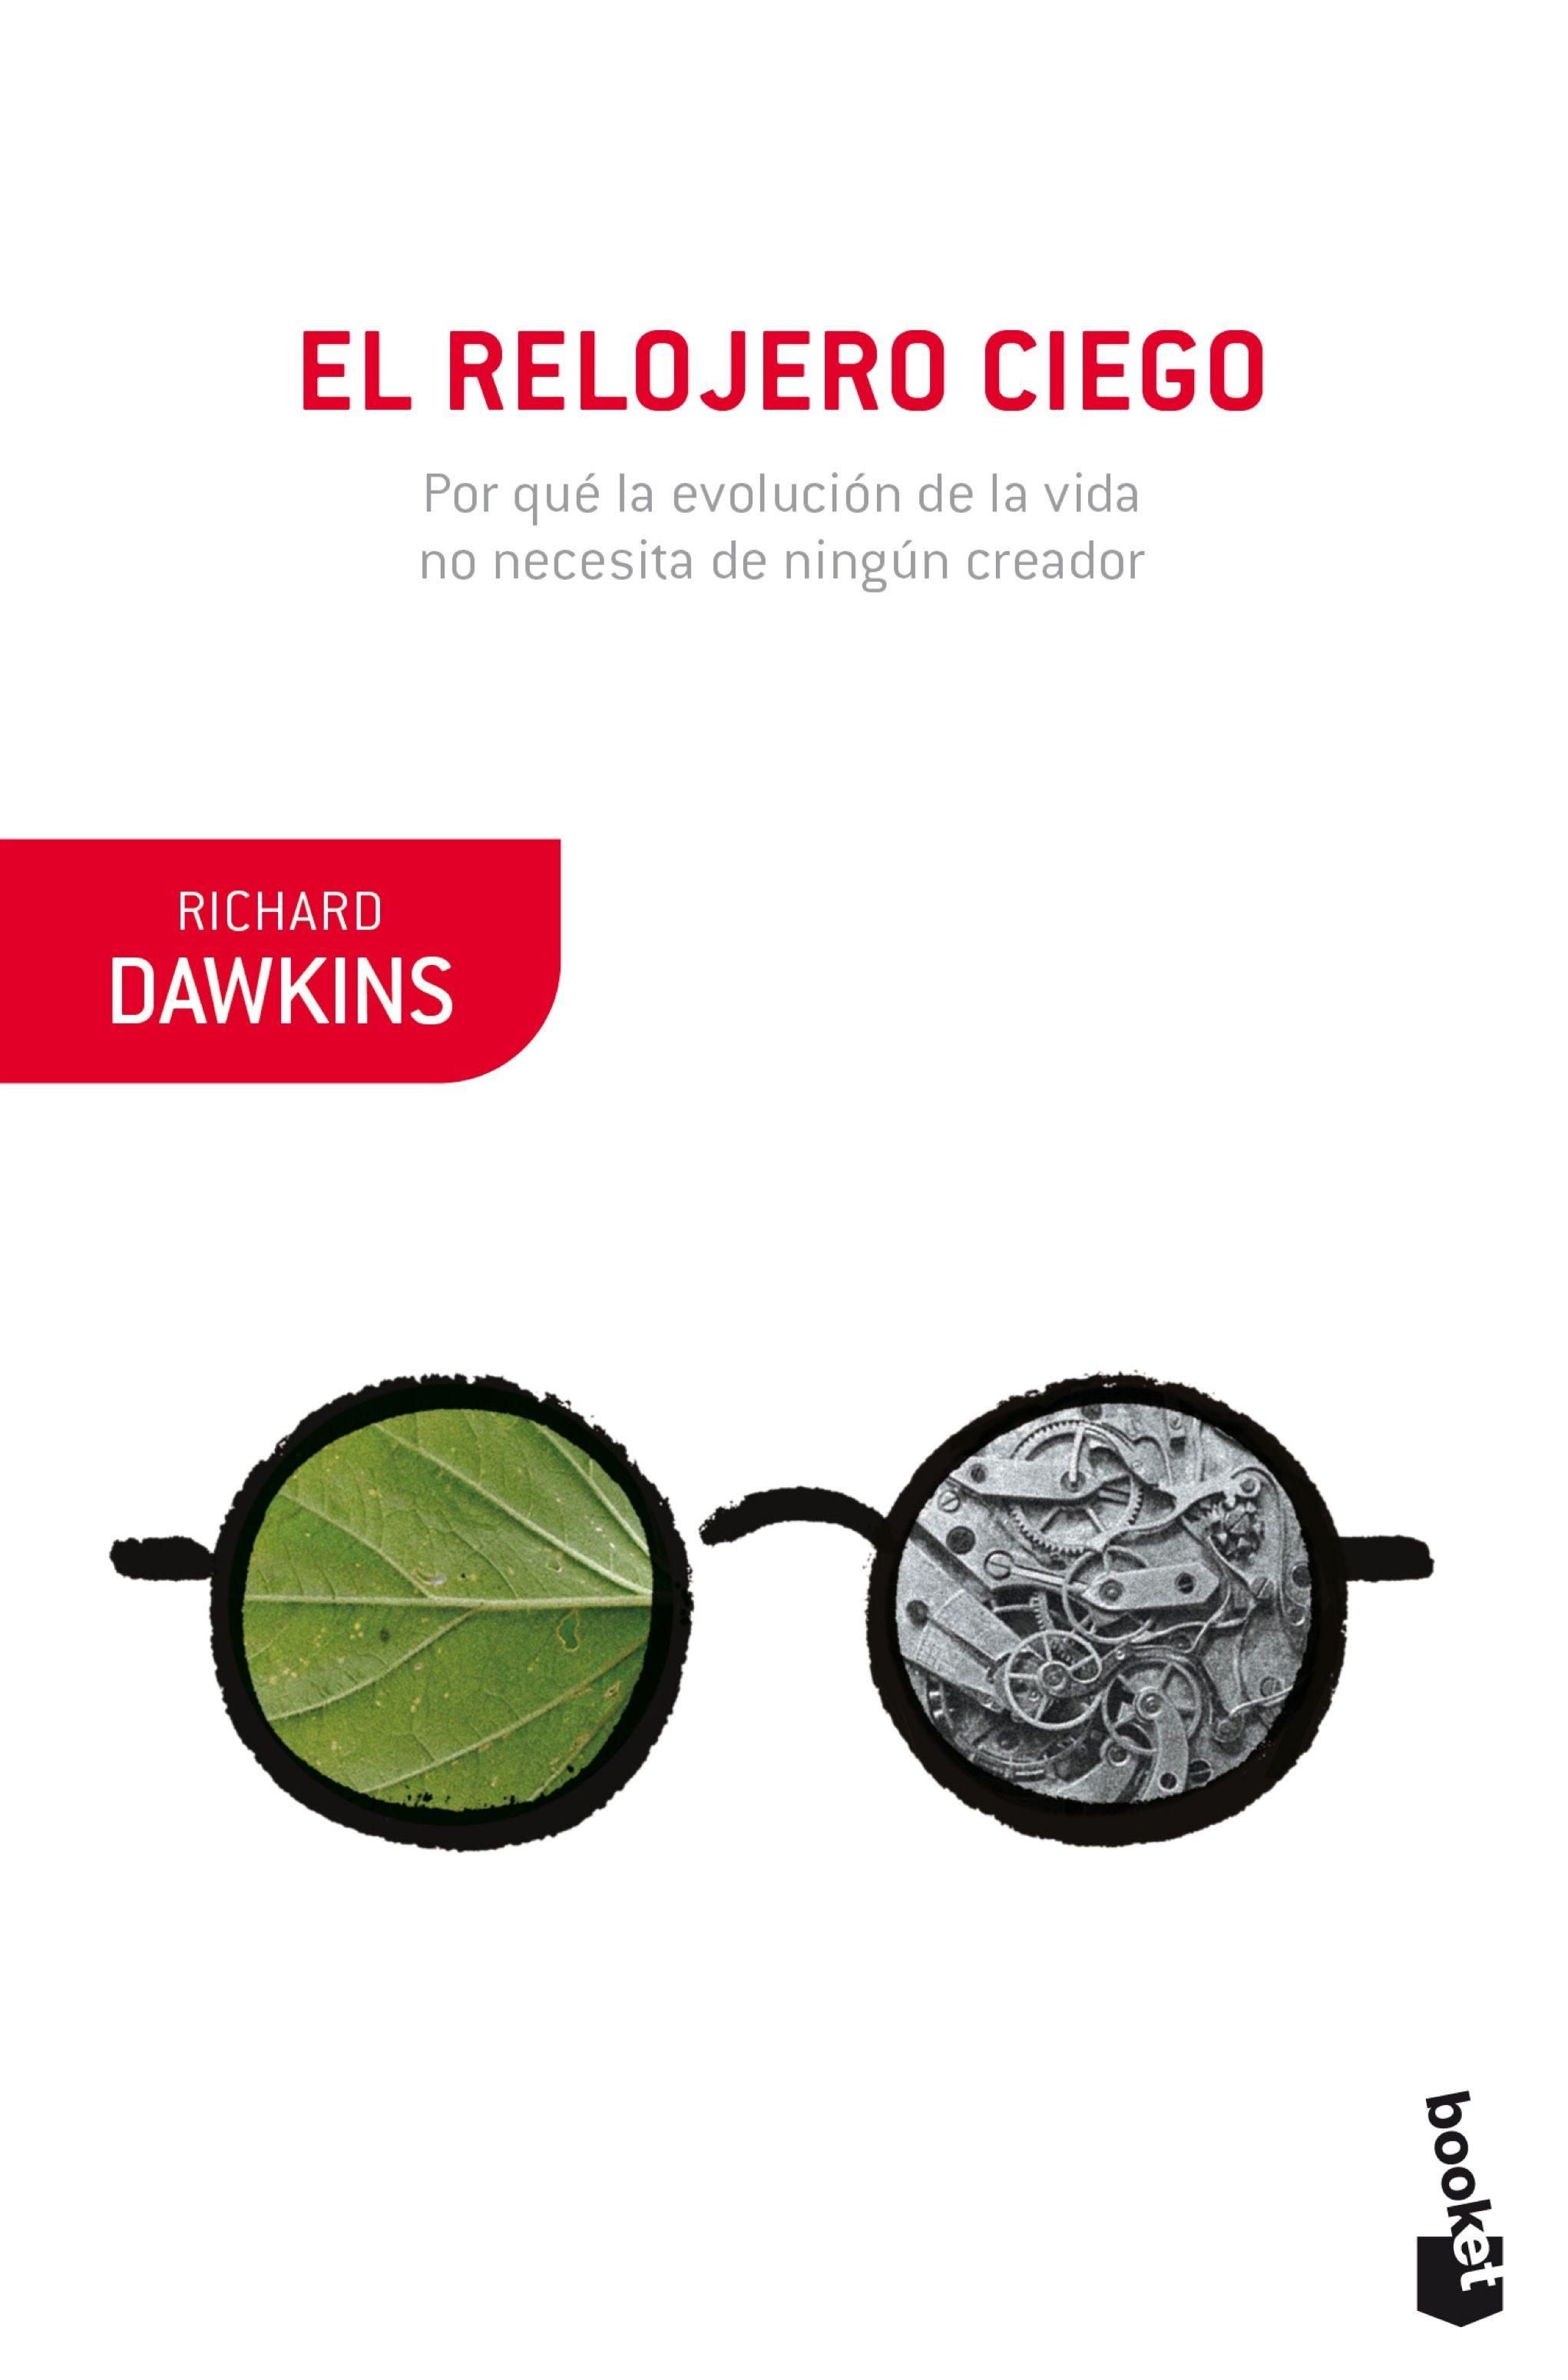 El espejismo de dios dawkins richard sinopsis del libro rese as criticas opiniones - El espejismo de dios ...